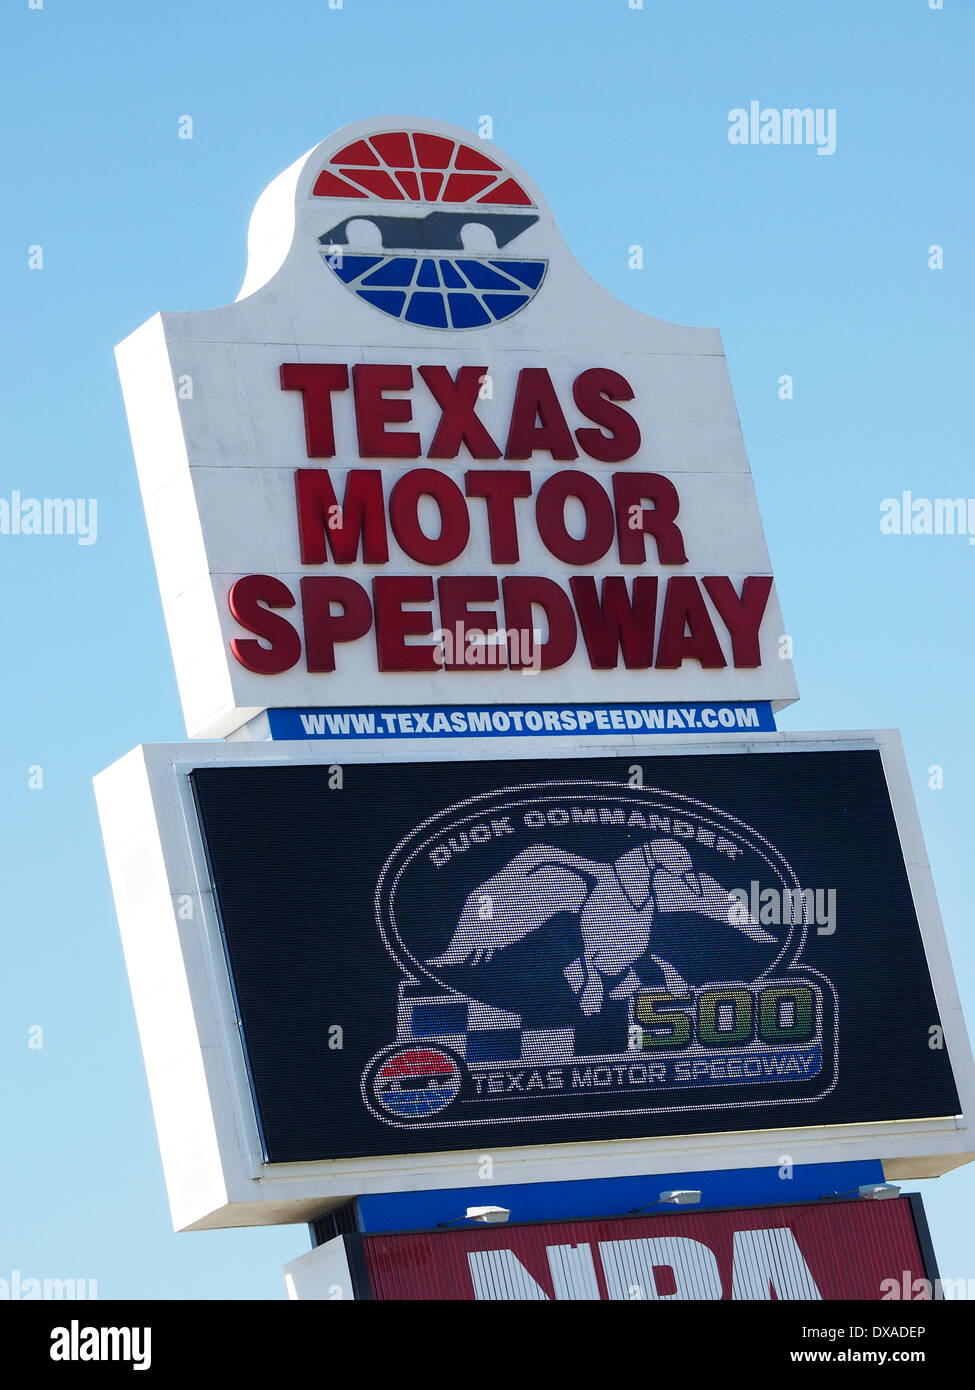 NASCAR llega a Texas Motor Speedway en la primavera y el otoño. Comandante pato se convirtió en el nombre de la carrera de la Copa Sprint 2014. Imagen De Stock